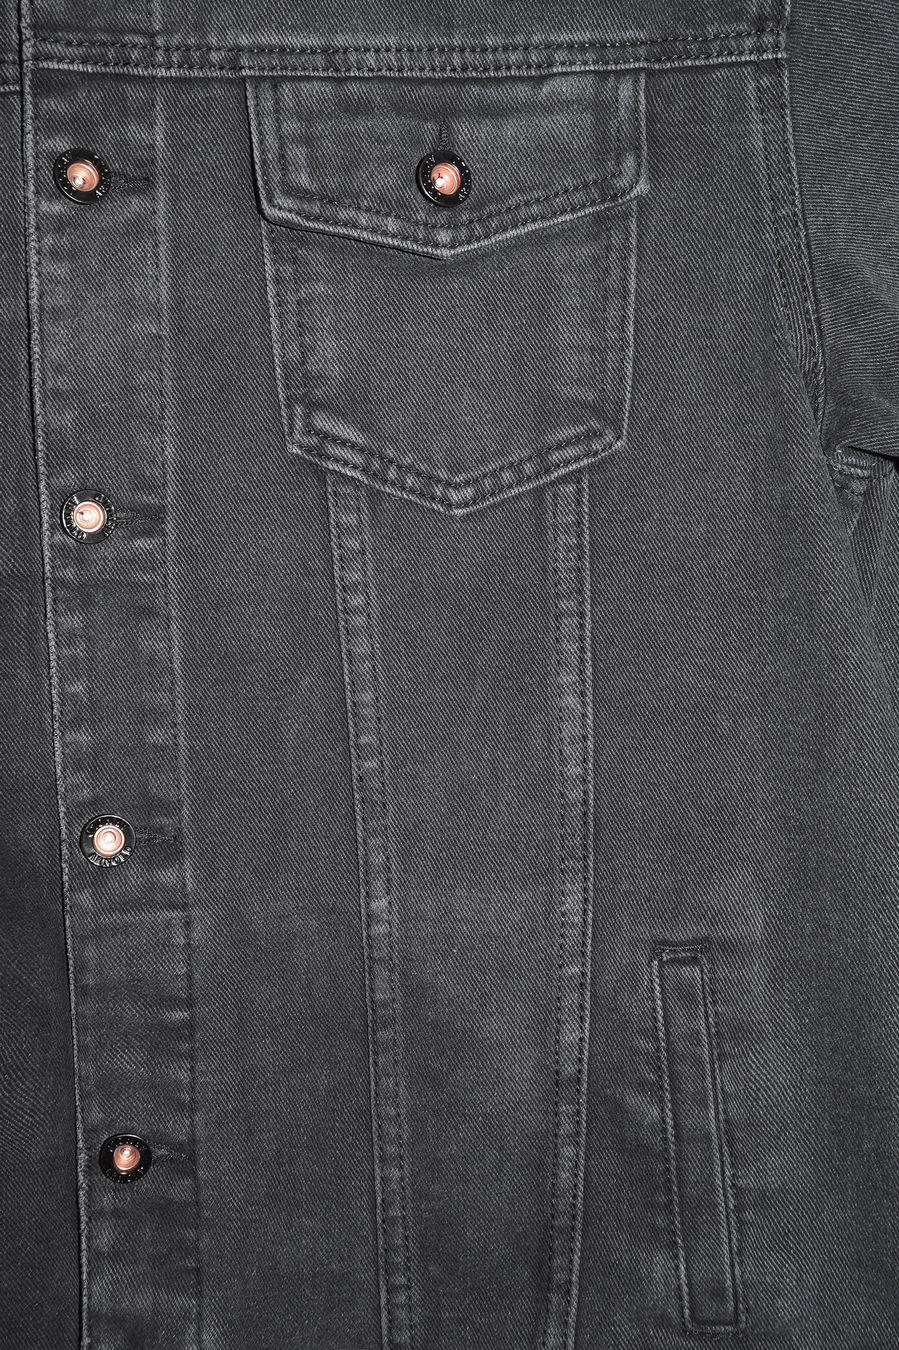 Пиджак мужской (джинсовка) Arnold 3033 - фото 3